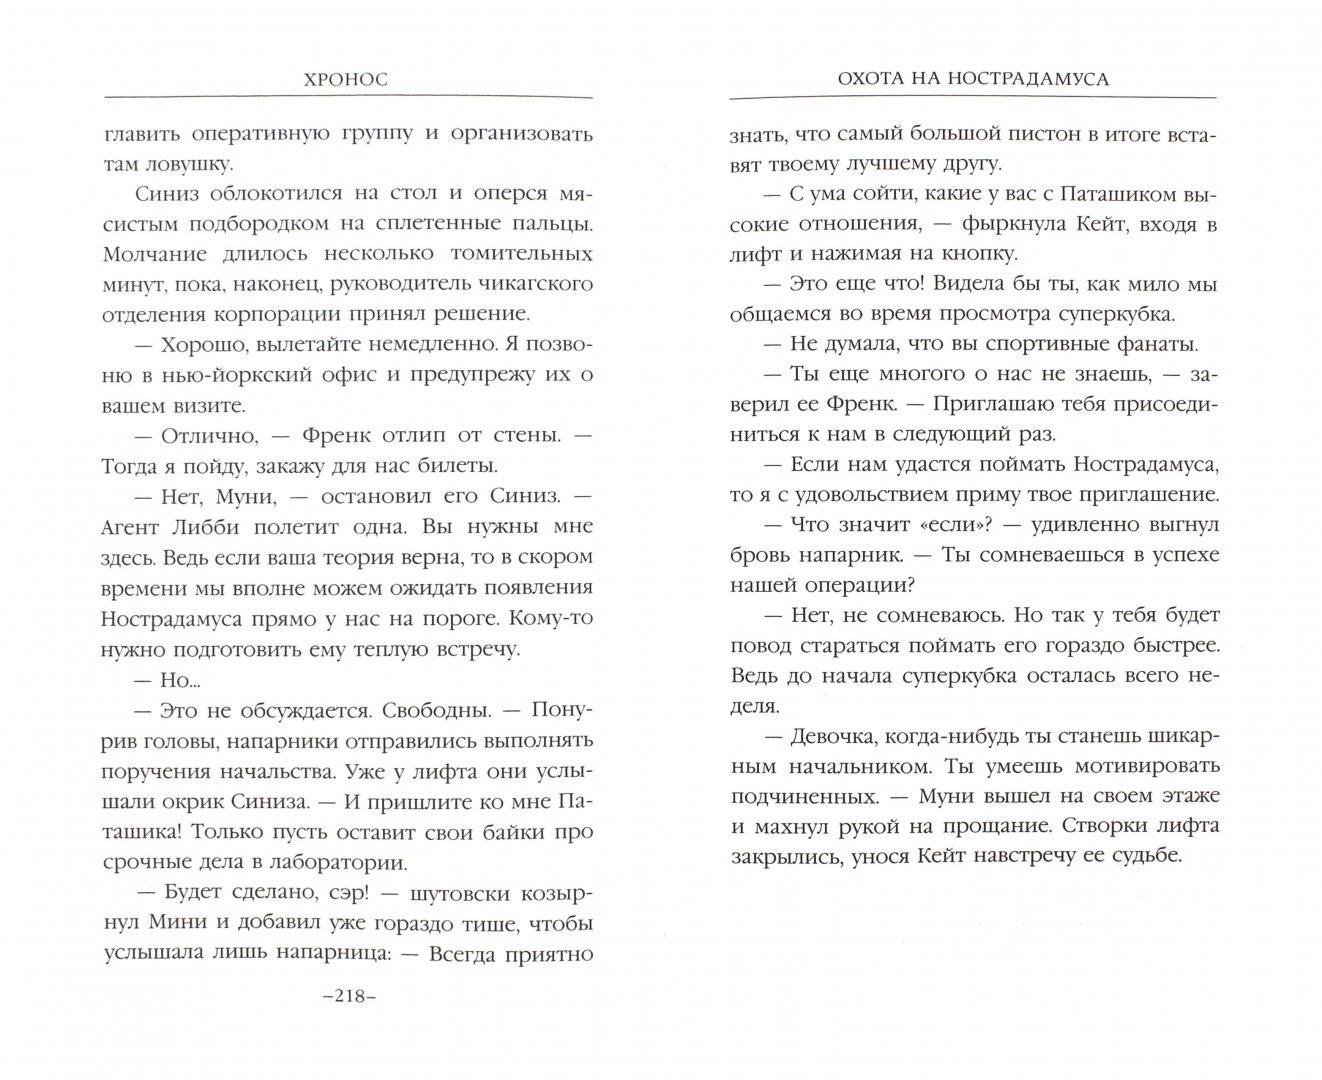 Иллюстрация 1 из 2 для Охота на Нострадамуса - Вардунас, Аверин | Лабиринт - книги. Источник: Лабиринт